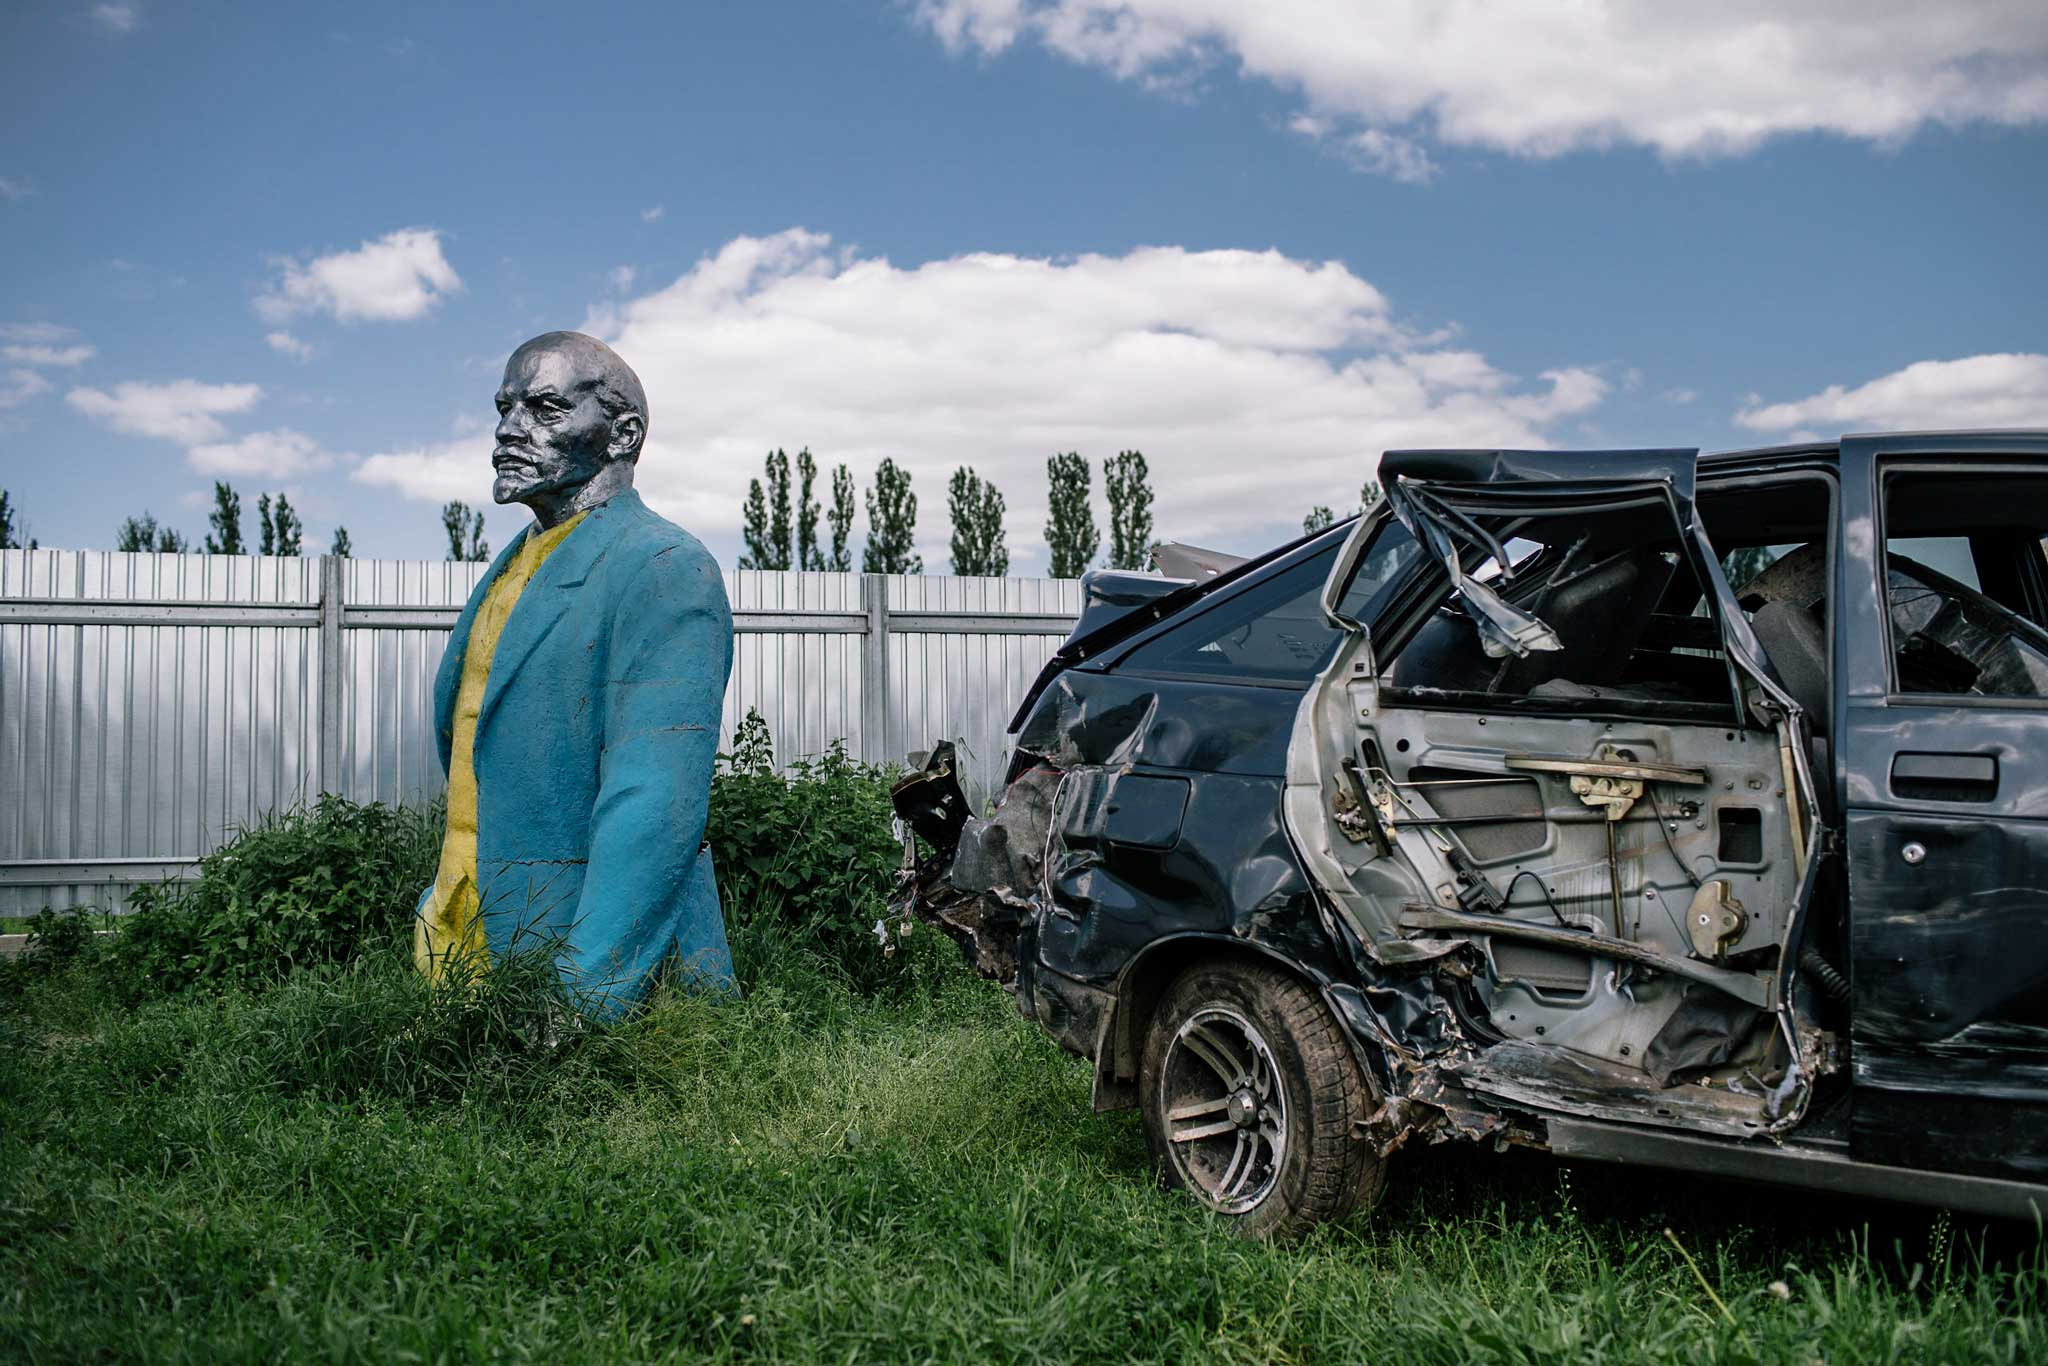 """Niels Ackermann et Sebastien Gobert nous proposent cet été de partir à la recherche de Lénine, et de ses traces dans l'Ukraine post-soviétique. """"Korzhin"""", 3 juin 2016. Avec l'aimable autorisation de Niels Ackermann/Lundi13."""